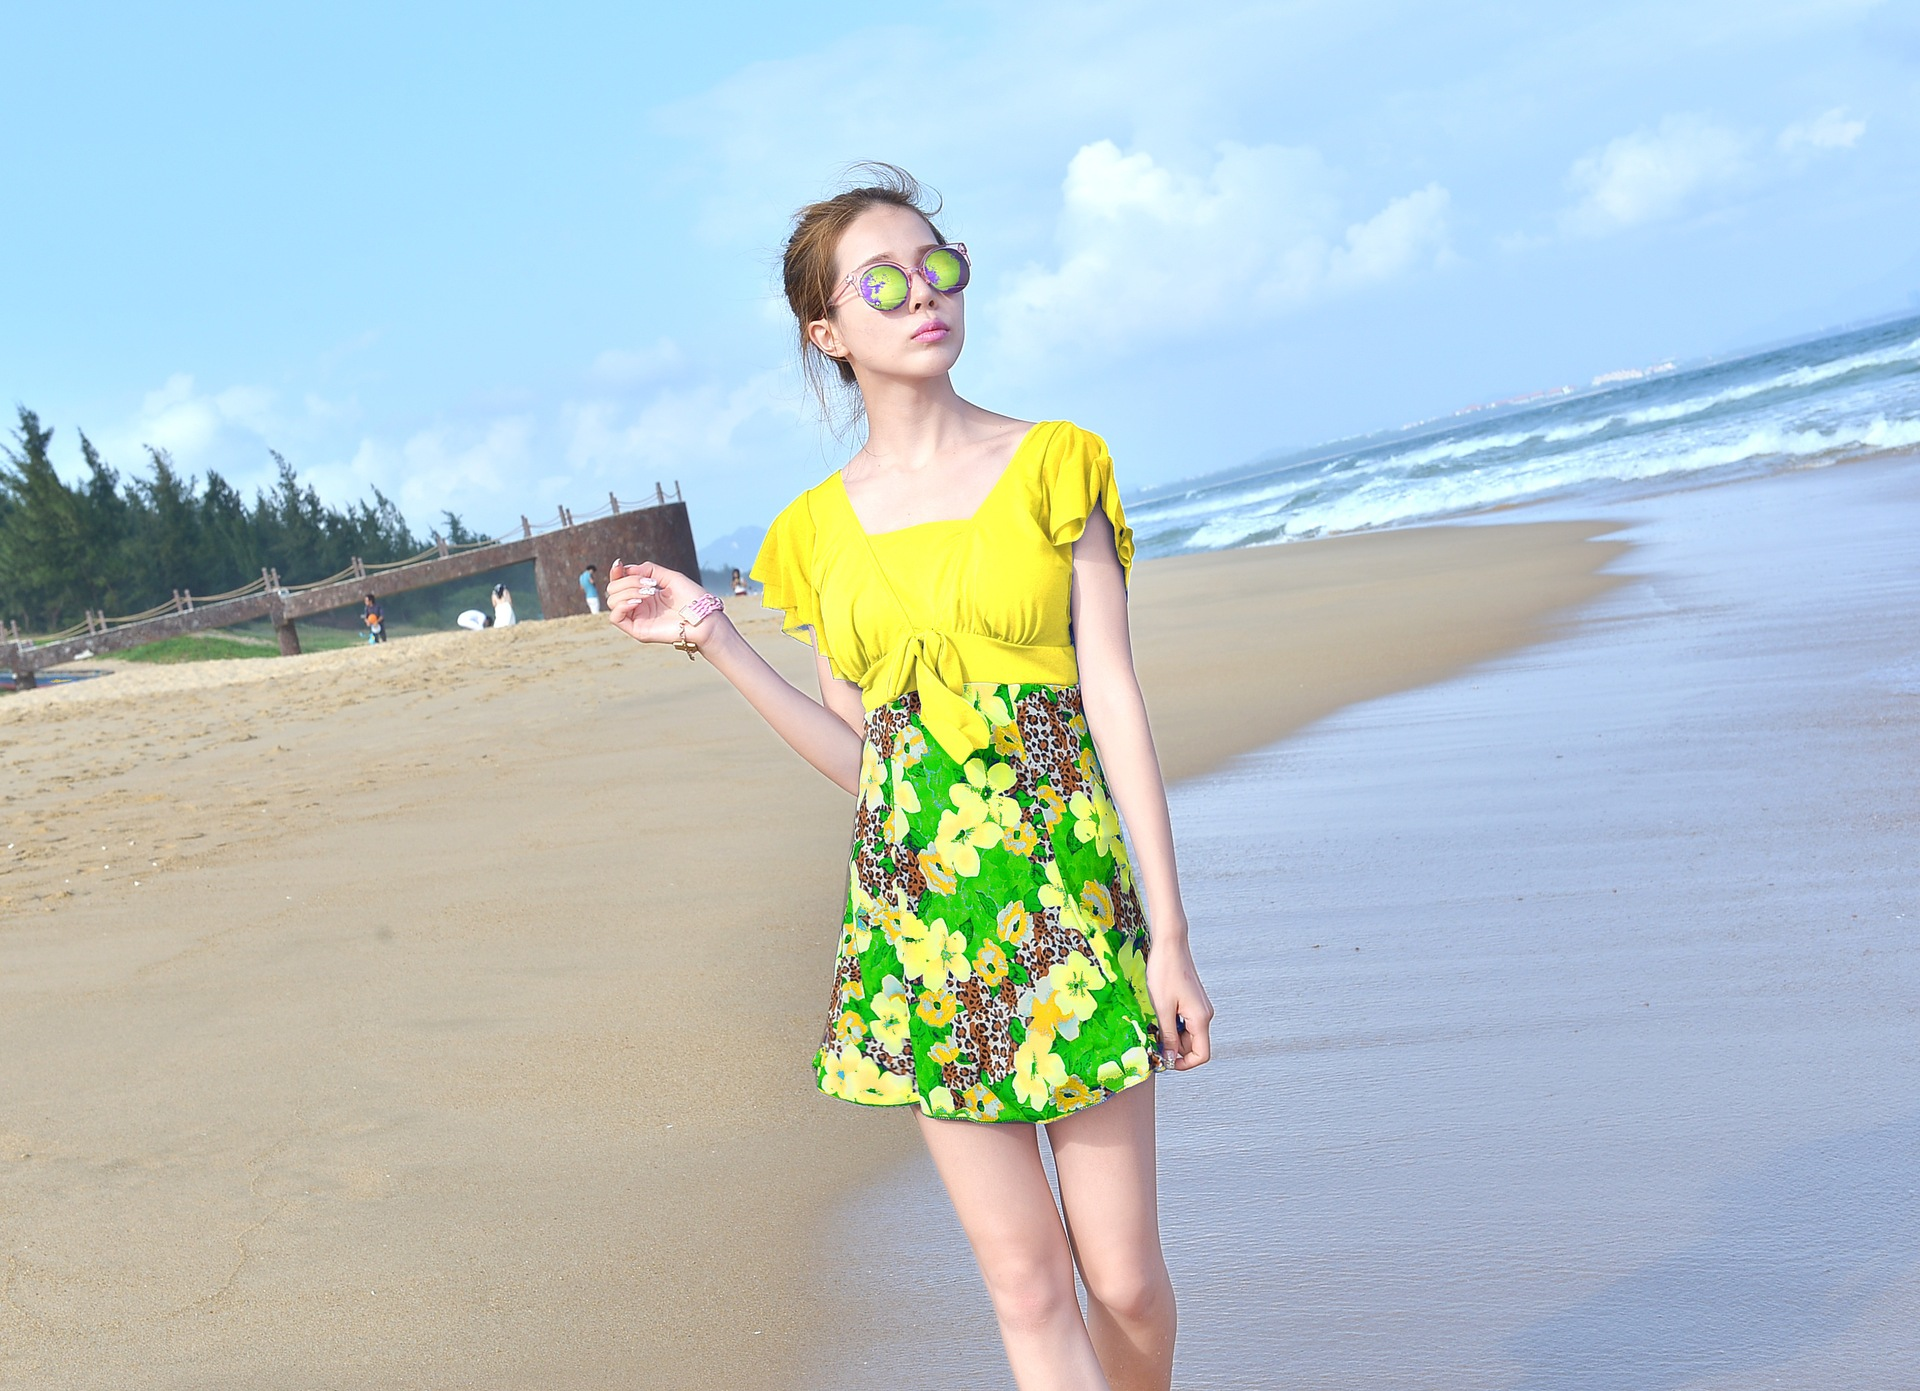 ชุดว่ายน้ำคนอ้วน สีเหลือง ลายดอกไม้ รอบอก 38-42 เอว28-36 สะโพก 36-44 นิ้ว ยาว 32 นิ้วค่ะ เนื้อผ้าบางนะคะ